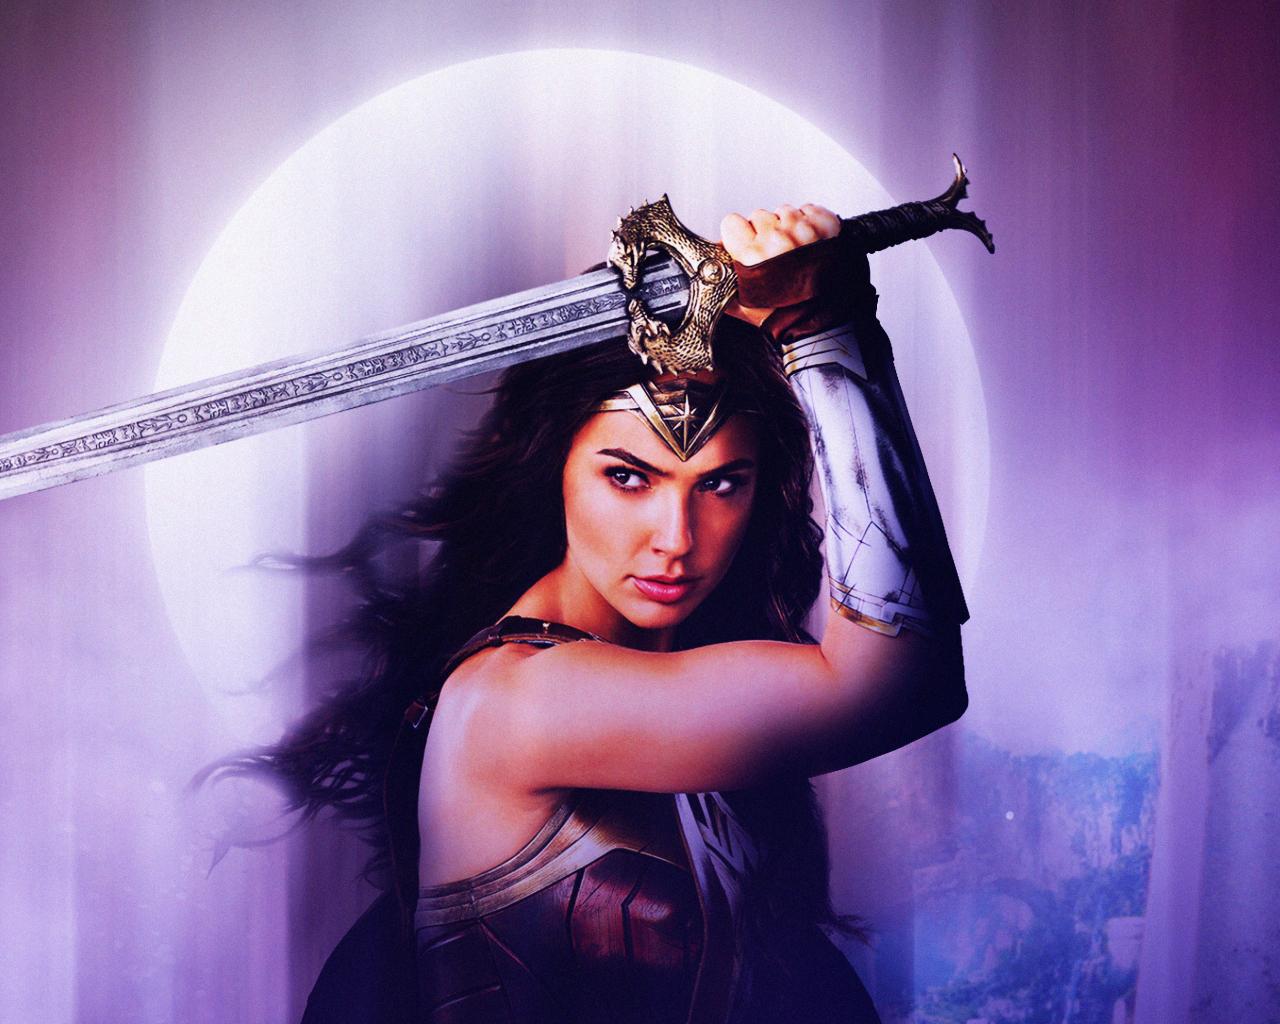 Wonder Woman Justice League Fan Art, HD 4K Wallpaper